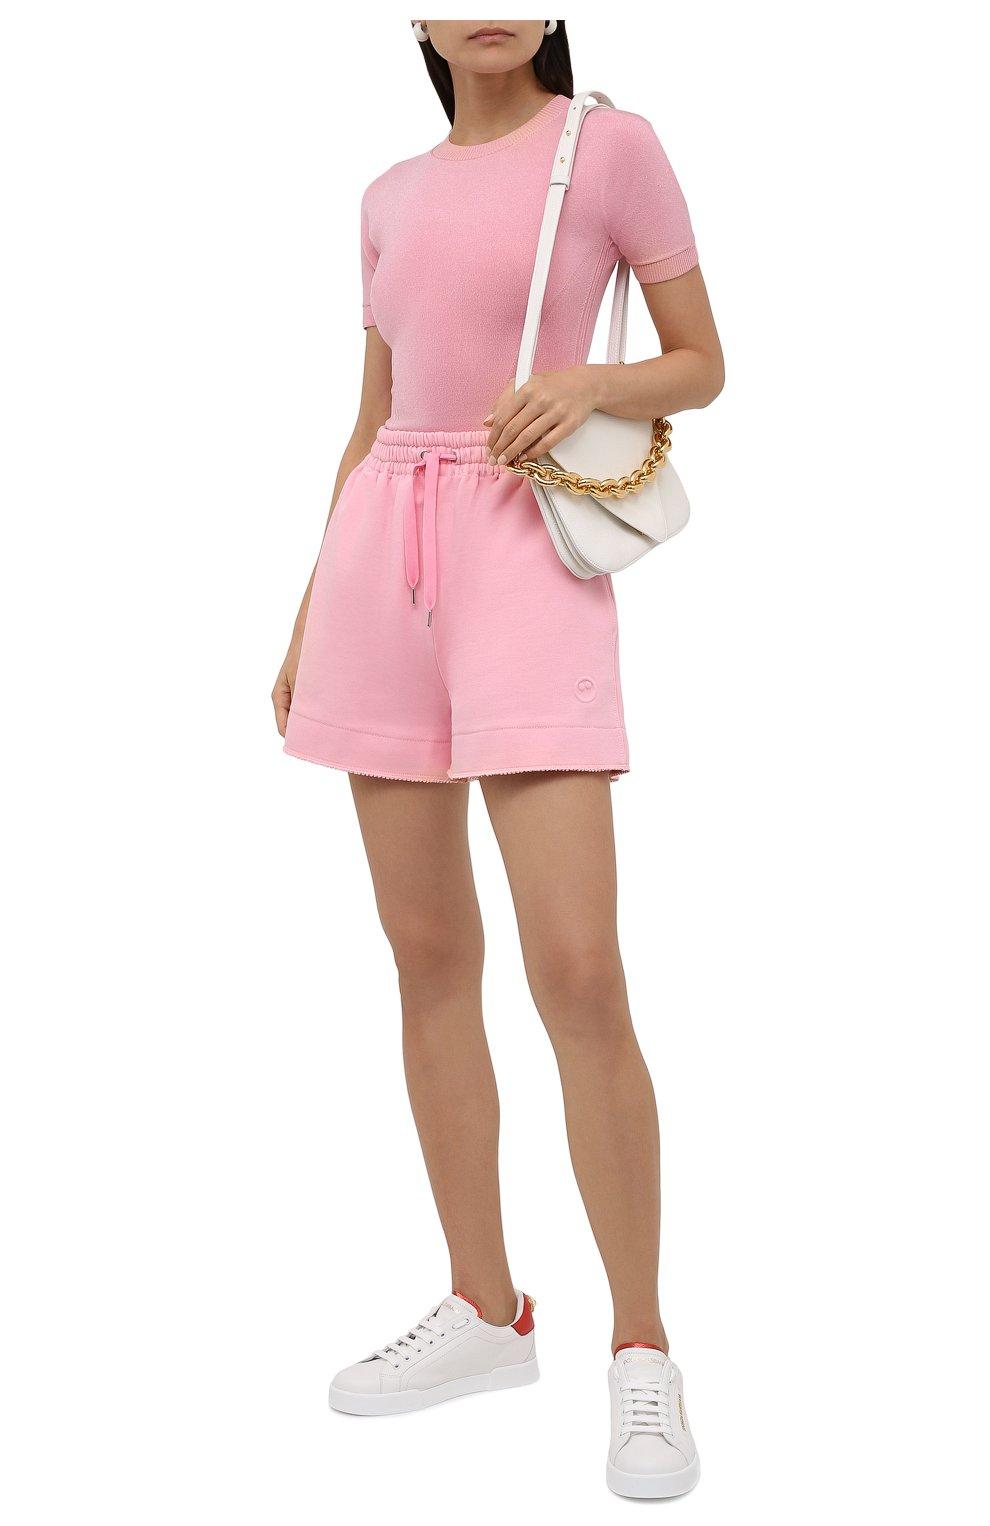 Женские хлопковые шорты AZ FACTORY светло-розового цвета, арт. SH0004/0C1 | Фото 2 (Женское Кросс-КТ: Шорты-одежда; Длина Ж (юбки, платья, шорты): Мини; Кросс-КТ: Трикотаж; Материал внешний: Хлопок; Стили: Спорт-шик)